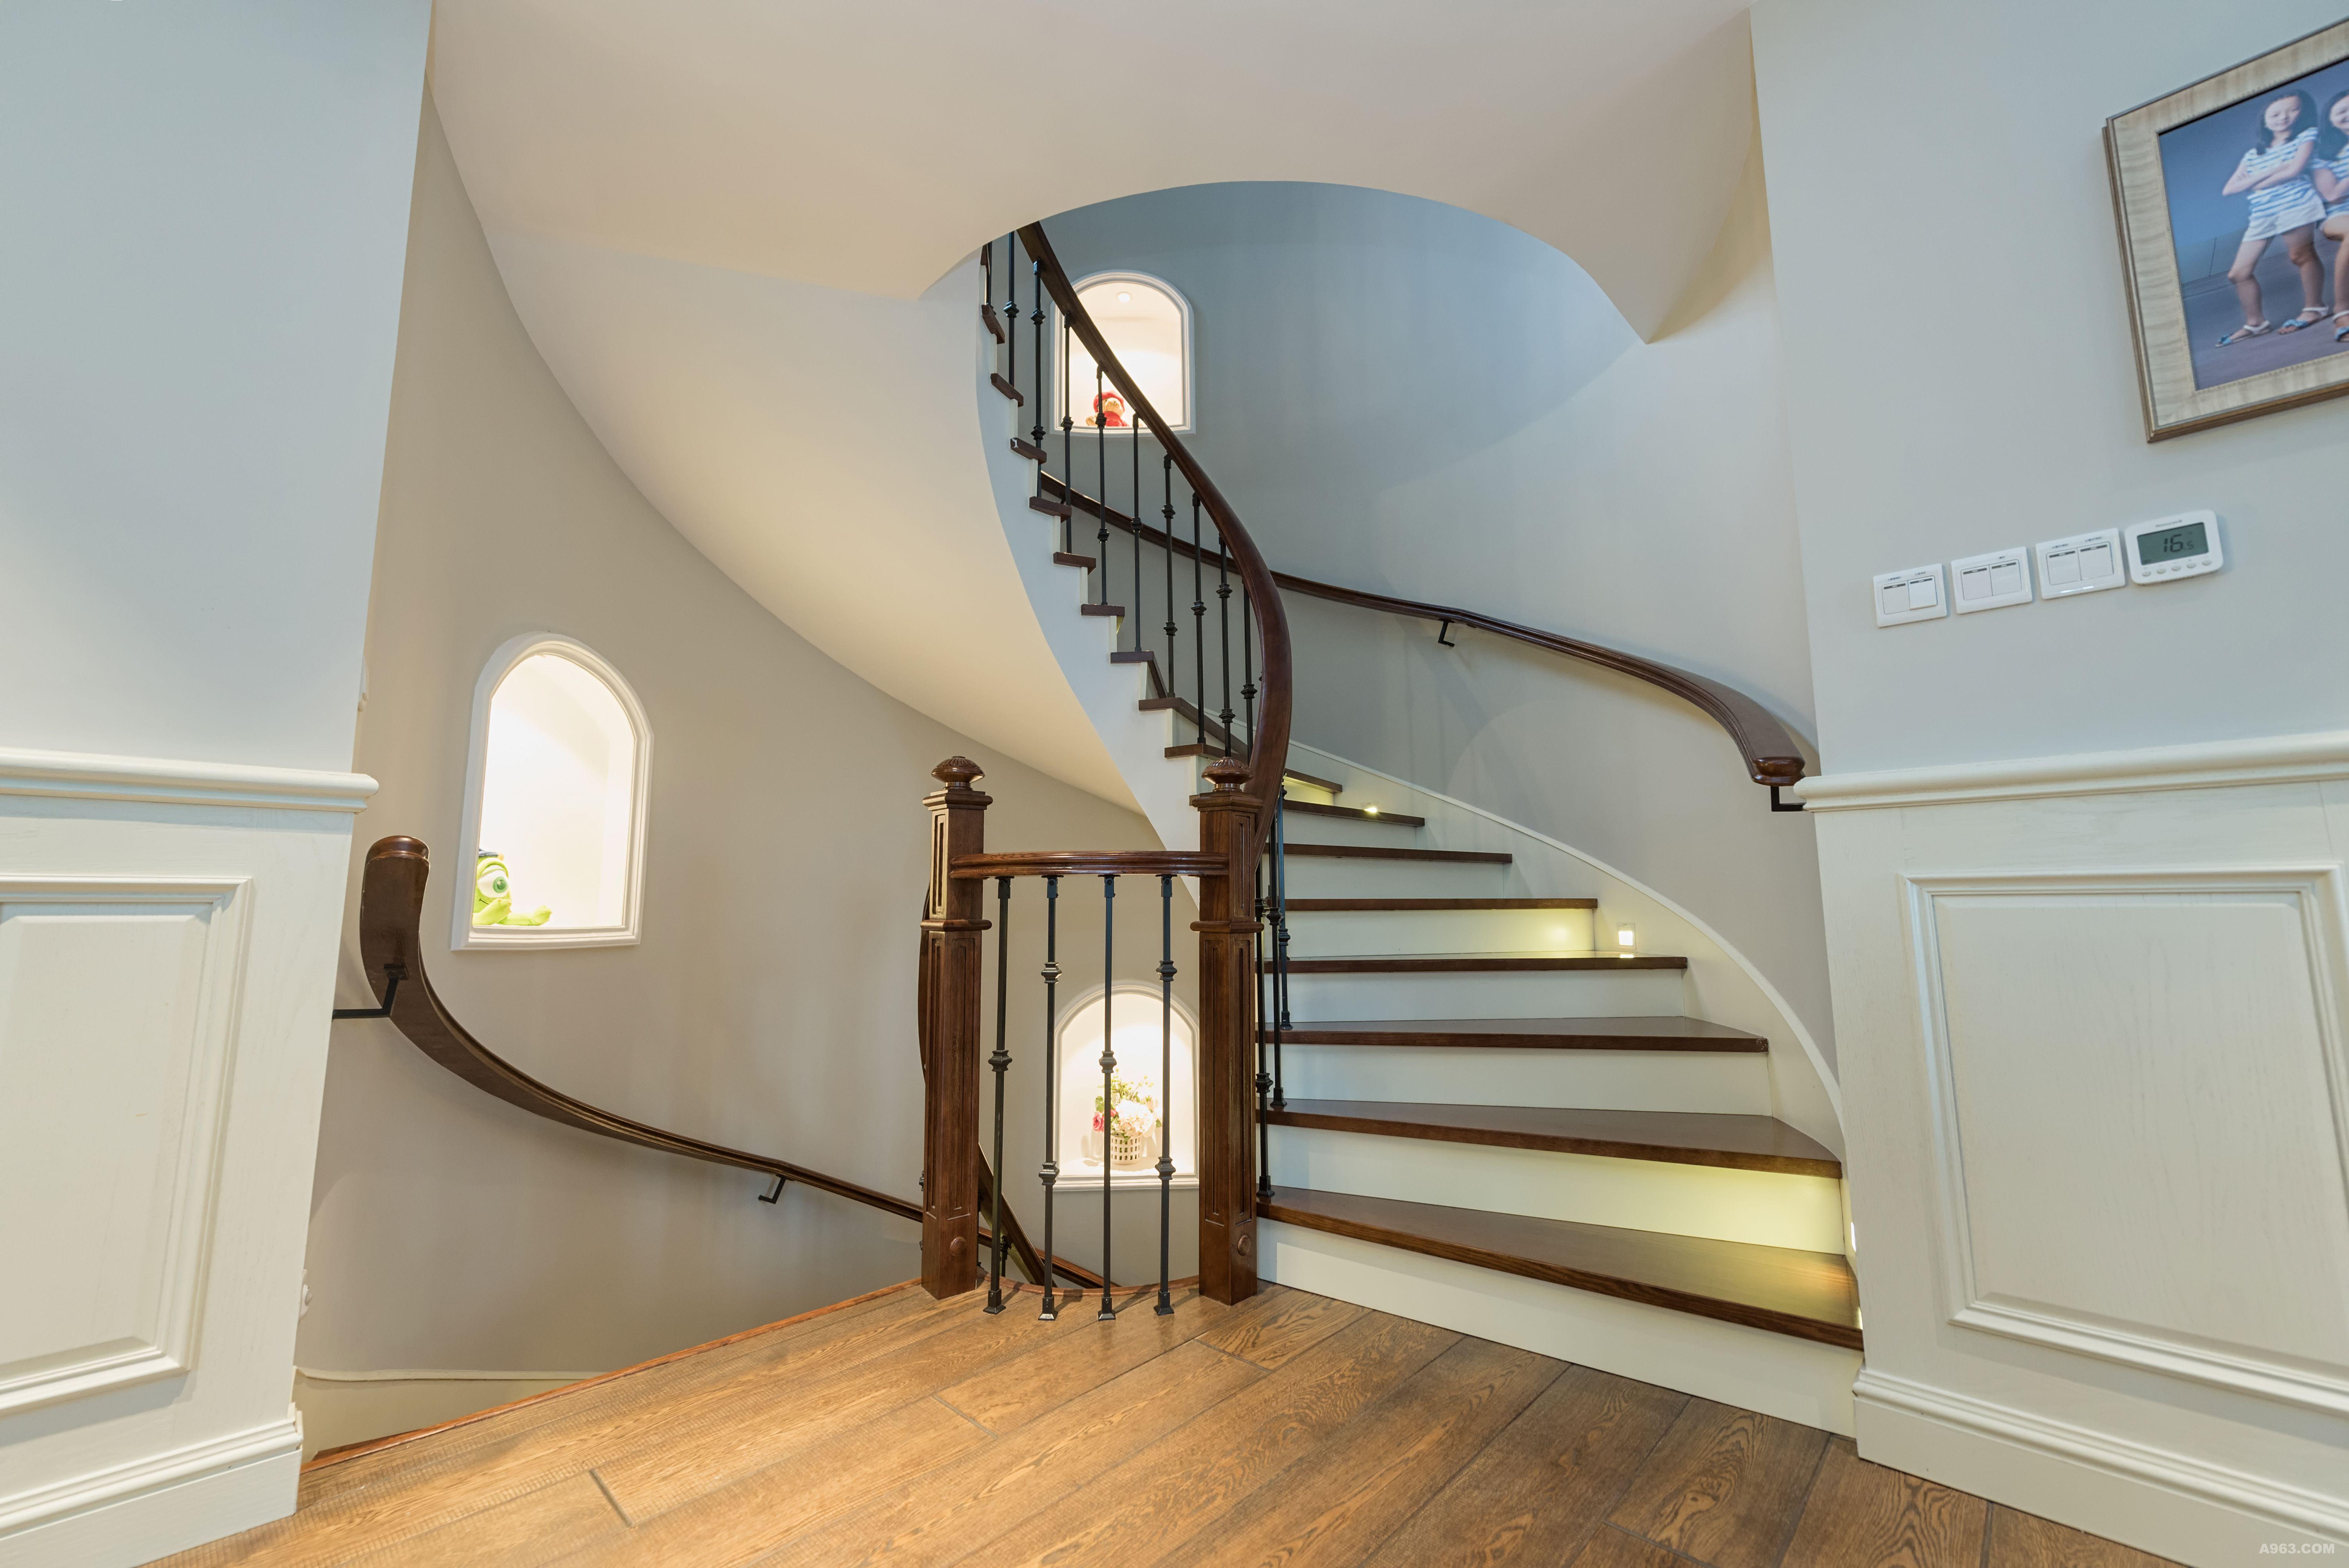 墙面色彩丰富,过廊的红色非常跳跃,宁静的空间徒增一抹激情,圆形楼梯